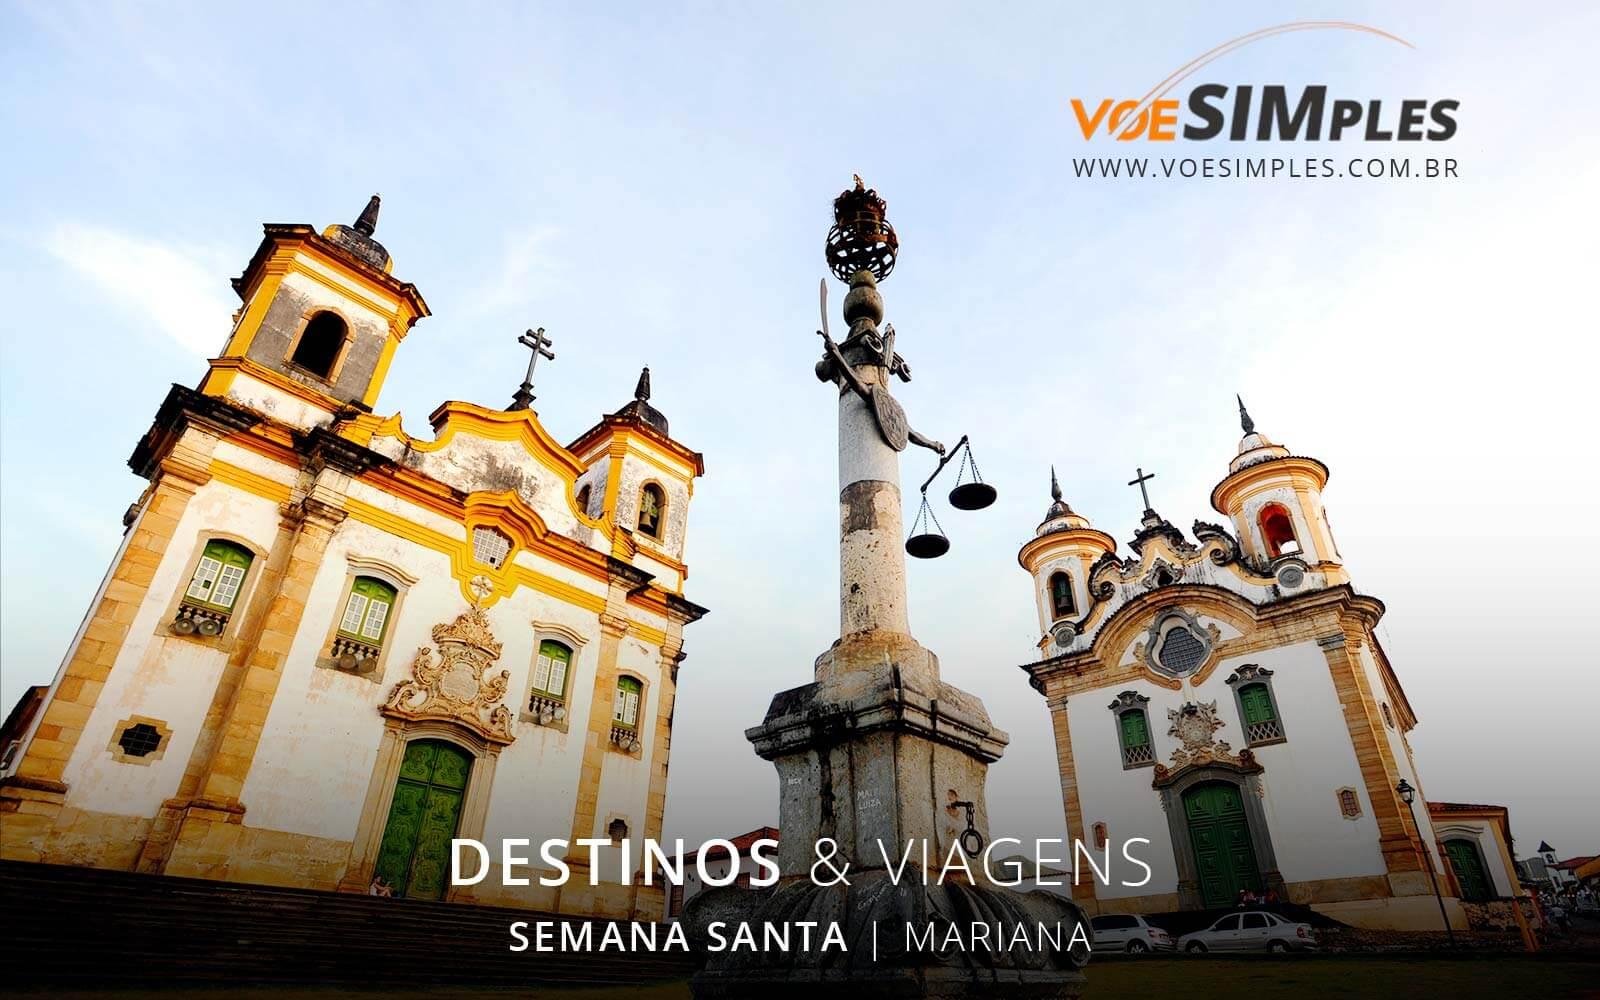 Guia Semana Santa Cidades Historicas Minas Gerais